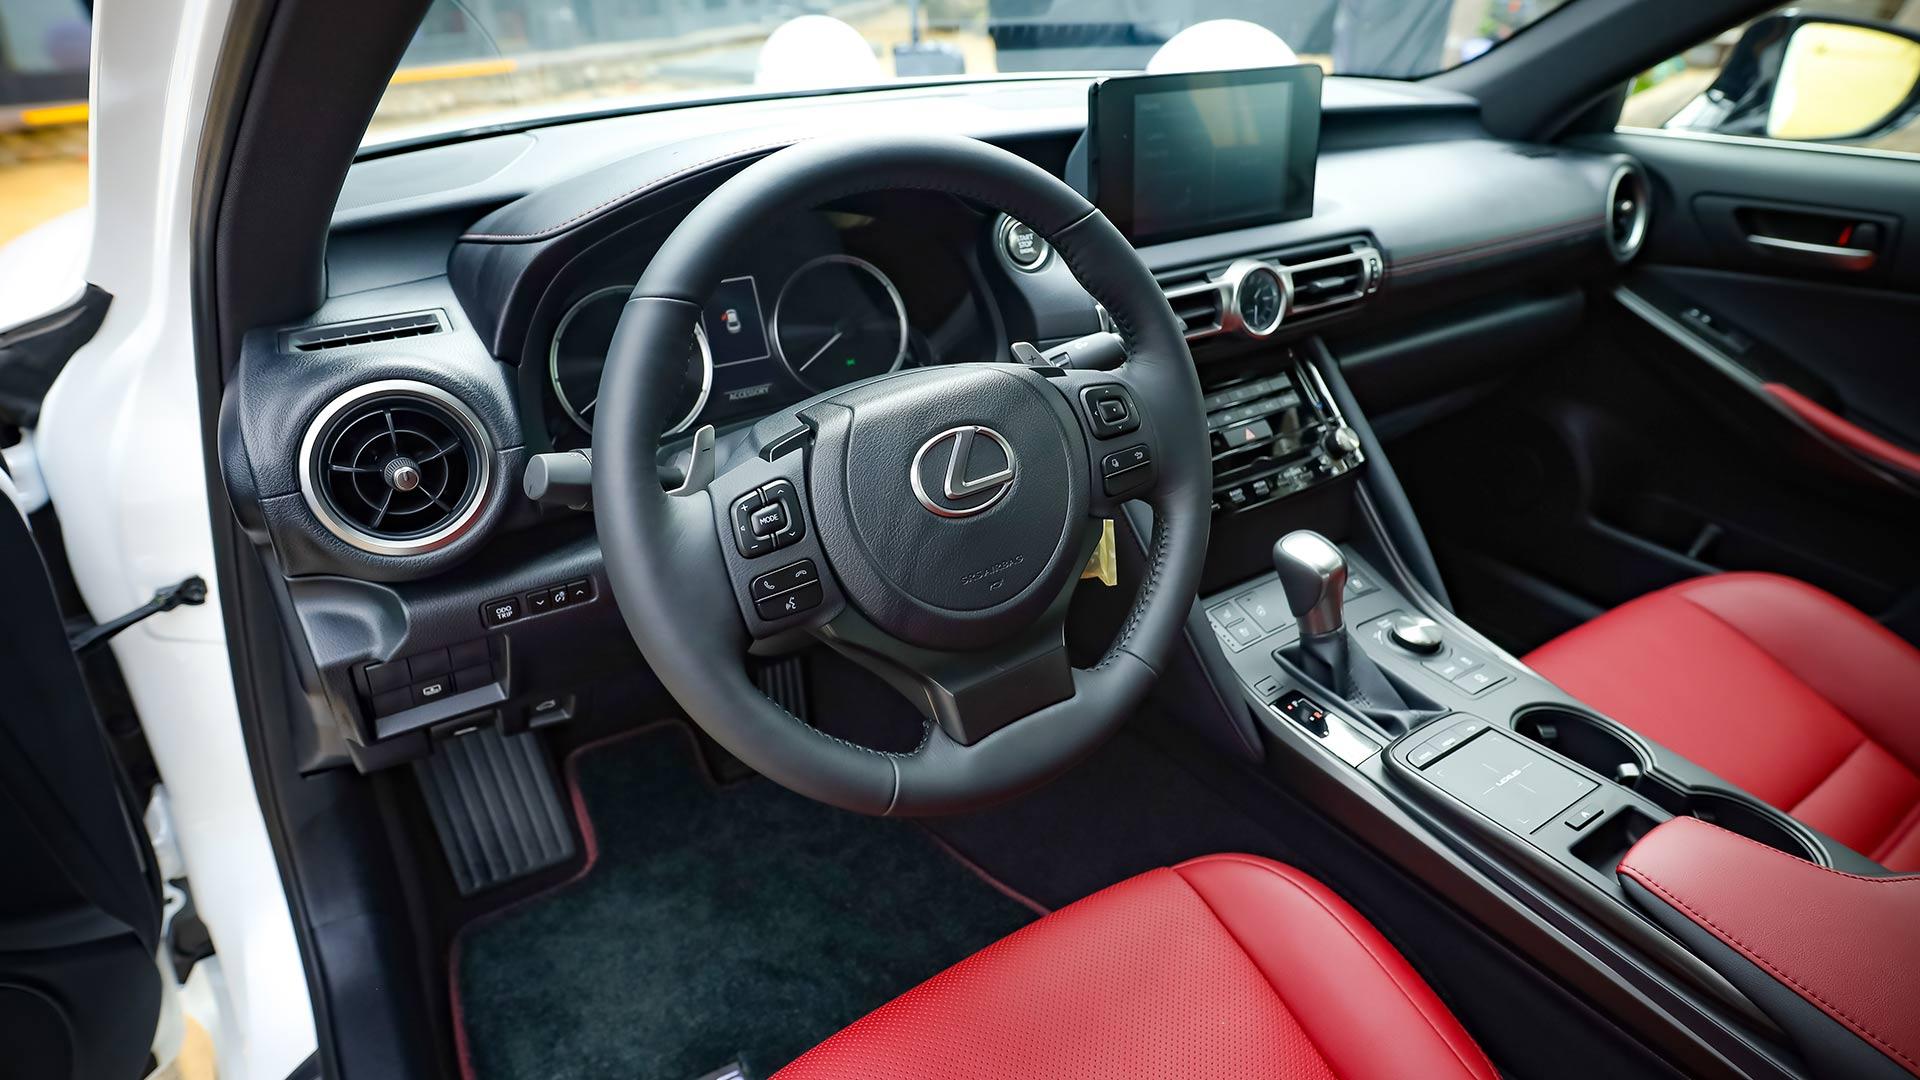 Lexus IS 2021 ra mắt tại Việt Nam với 3 phiên bản, giá từ 2,13 tỷ đồng lexus-is300-noi-that.jpg